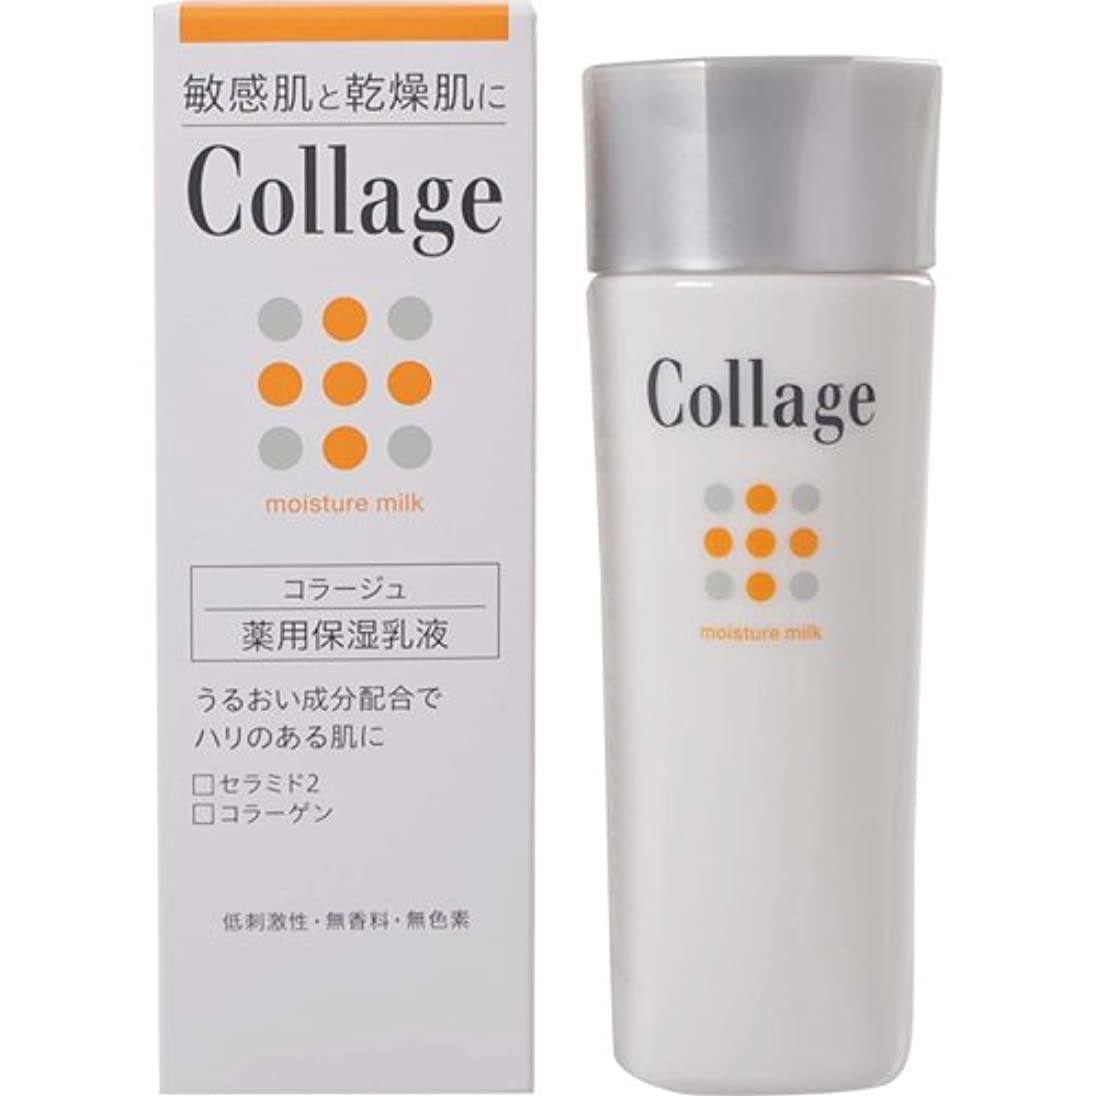 メイトセッティング慣性コラージュ 薬用保湿乳液 80mL 【医薬部外品】